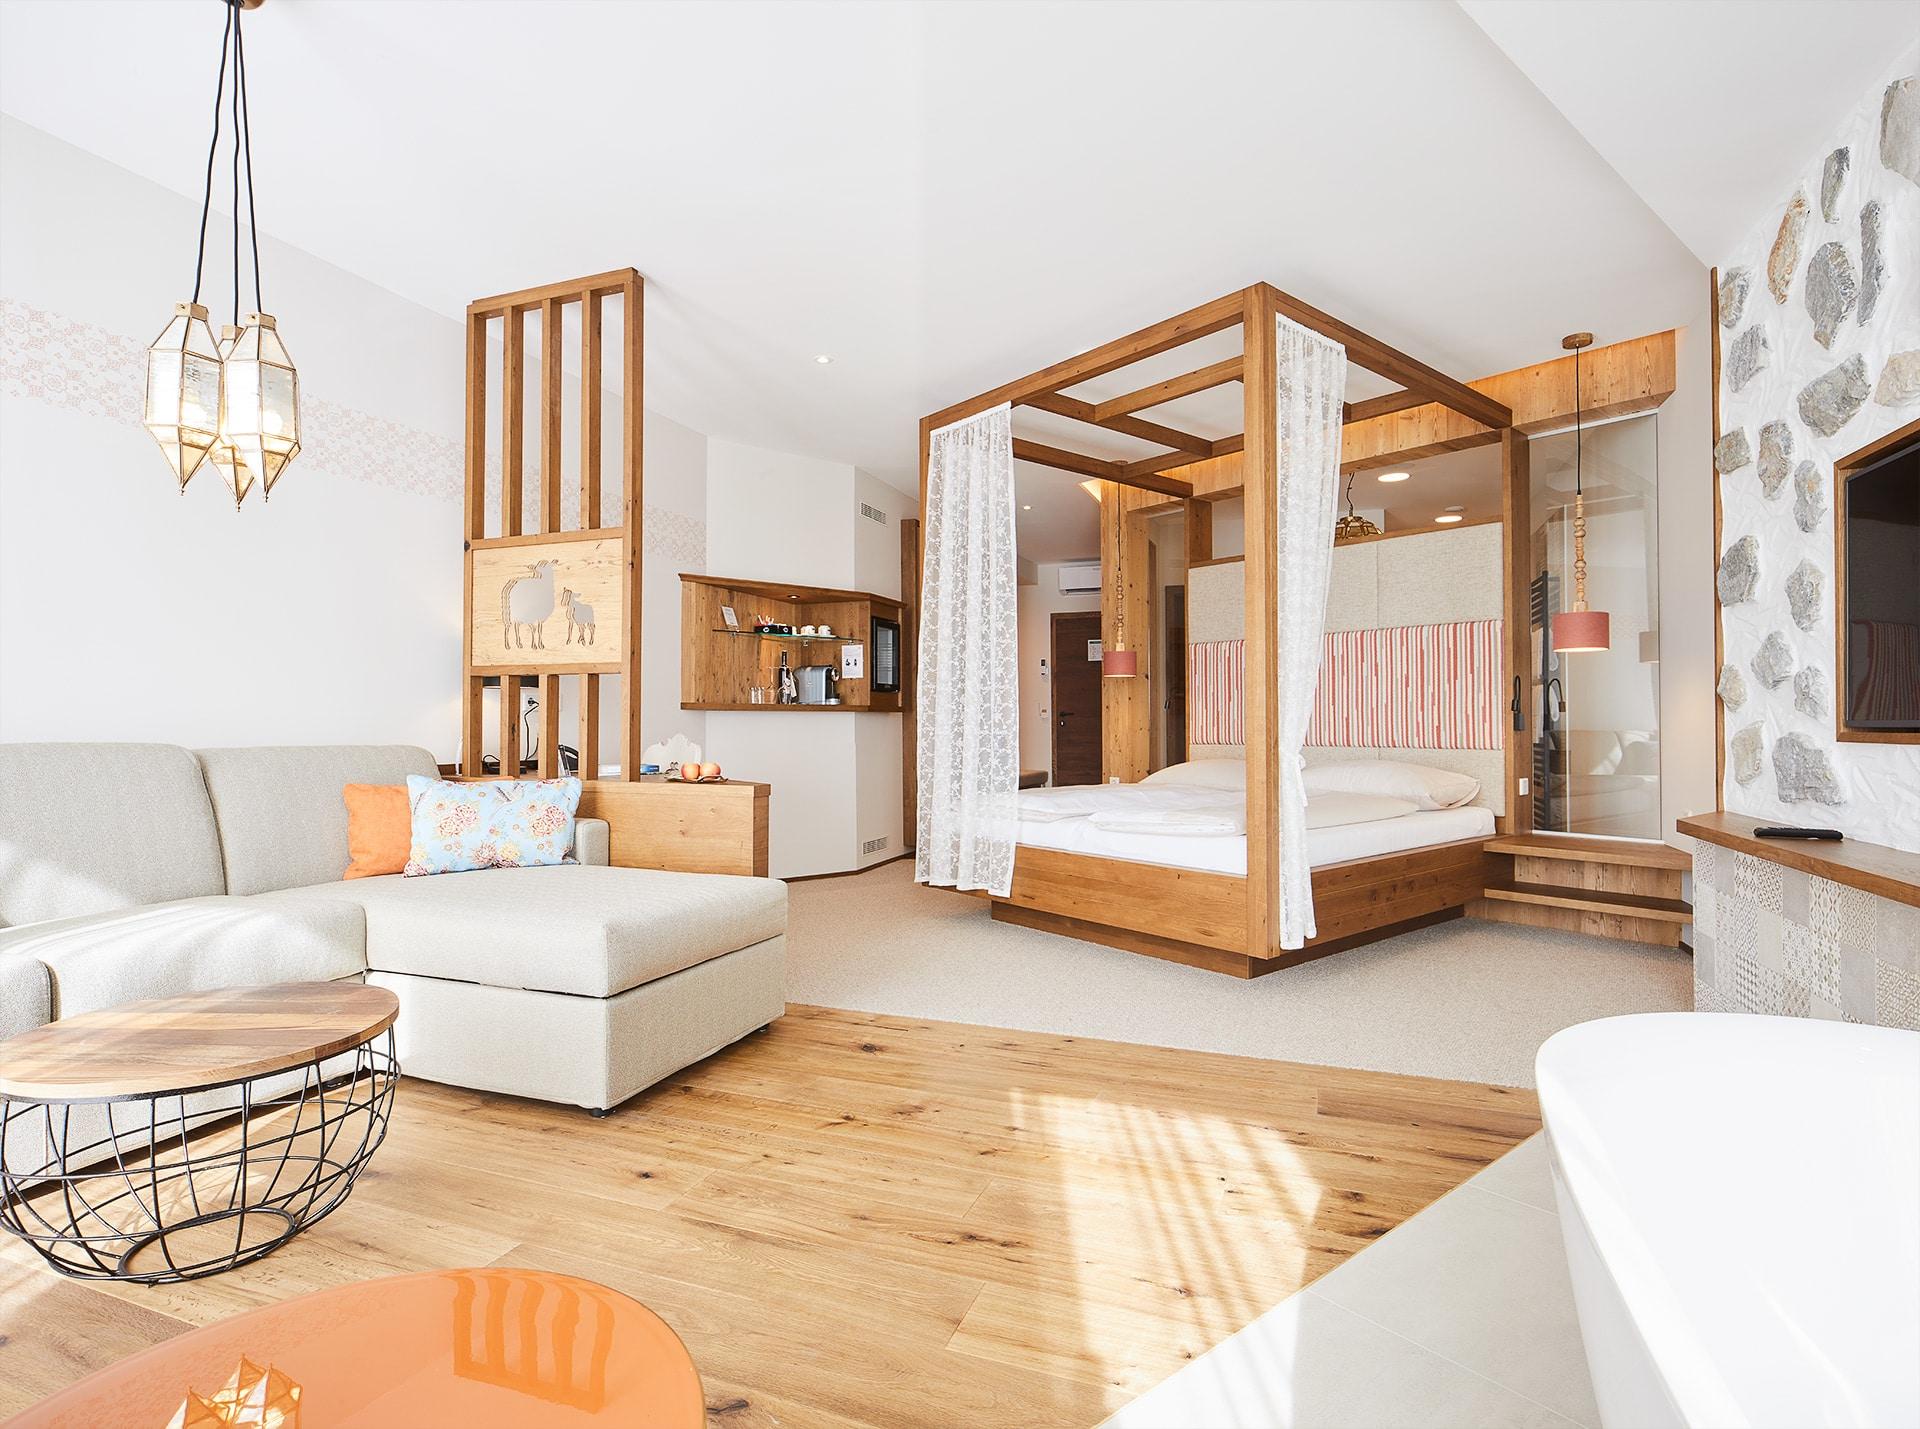 Hotel Guglwald Zimmer © Hotel Guglwald